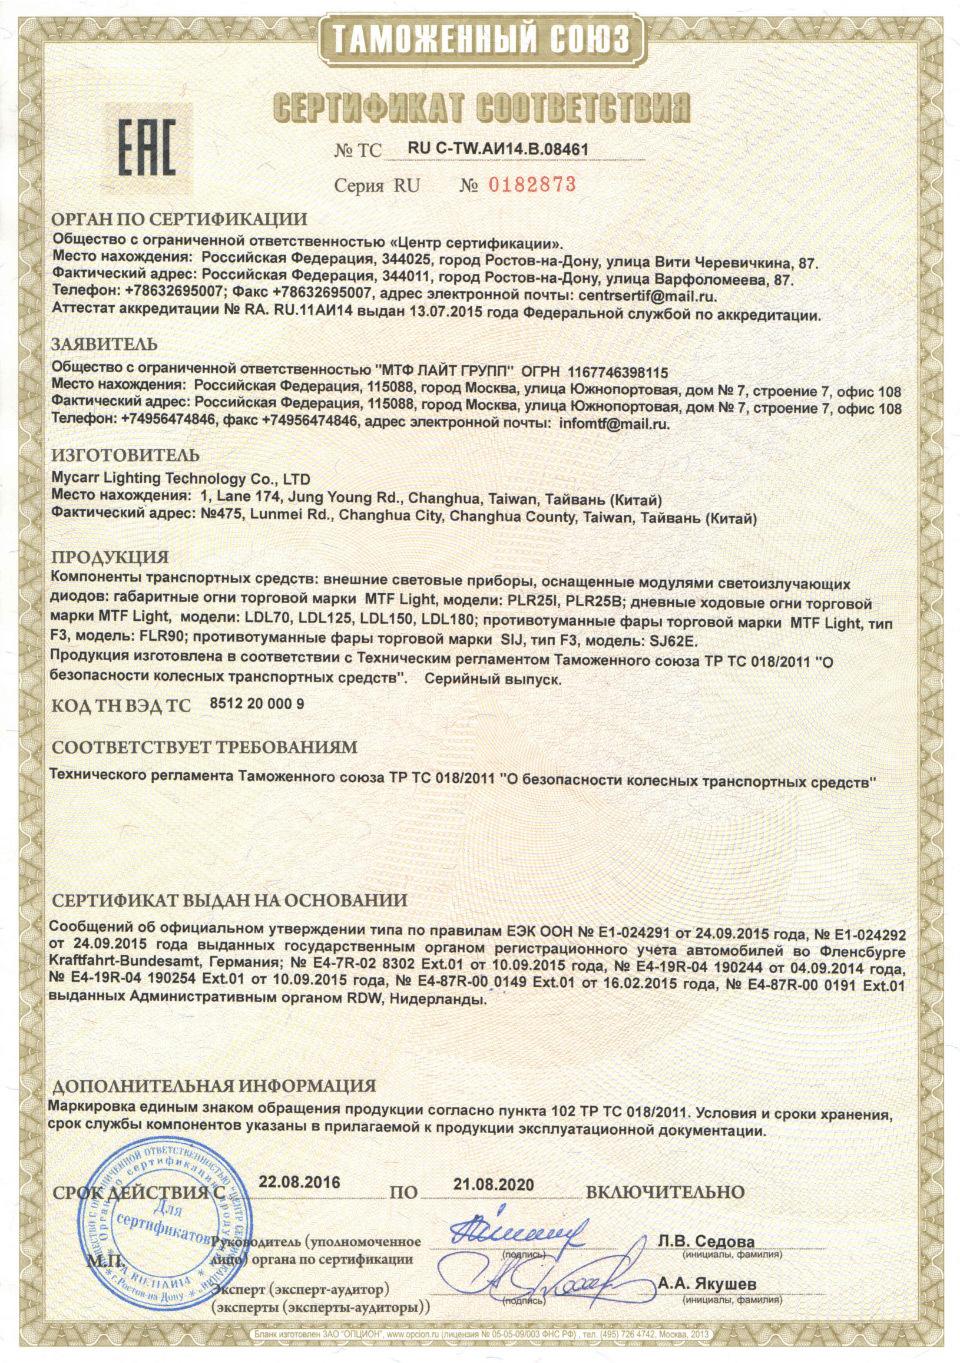 Сертификация лампочек iaf сертификация